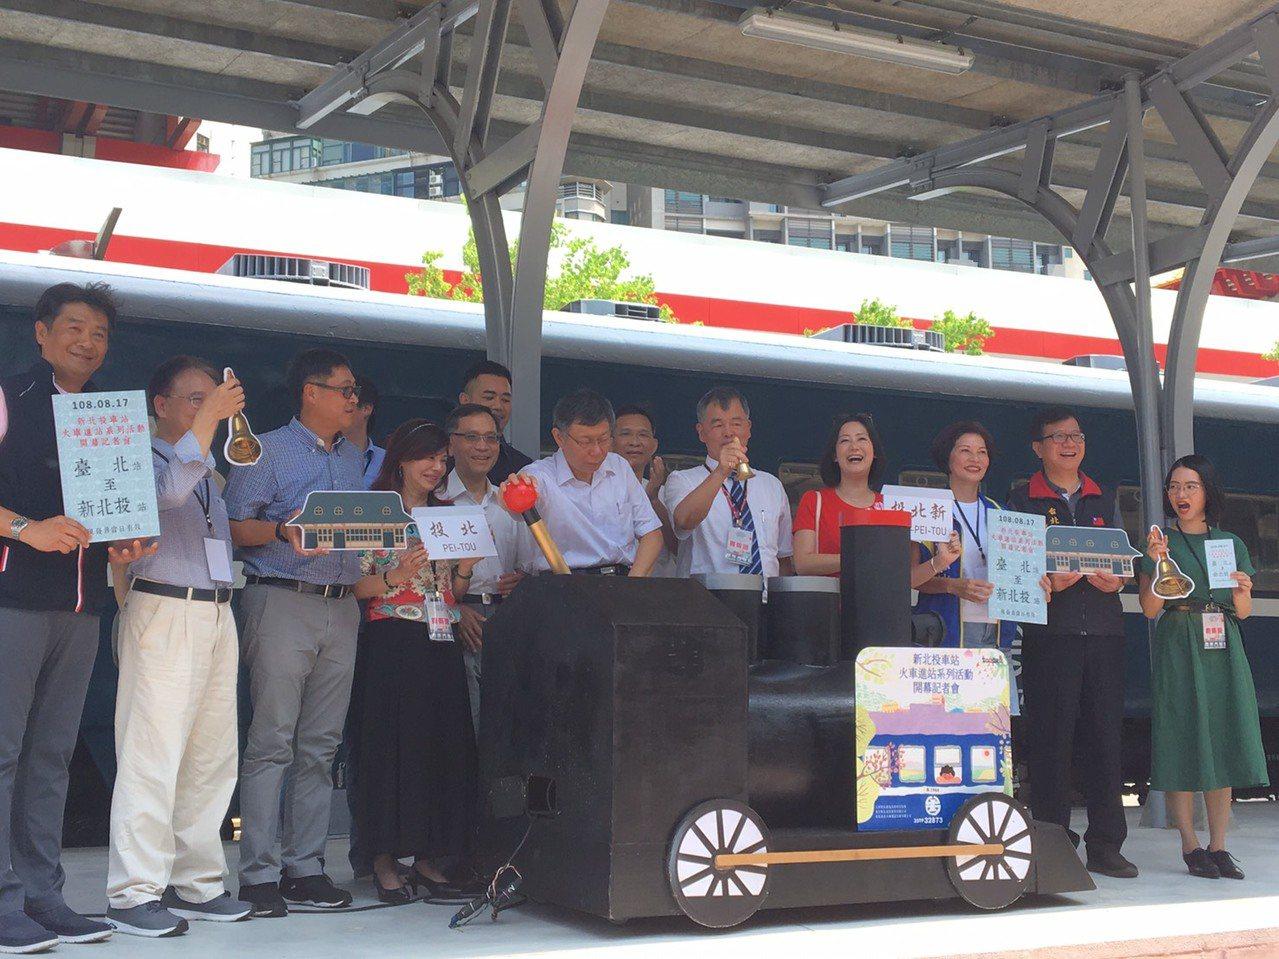 北市文化局今上午在北投七星公園,舉行新北投車站火車進站活動。記者郭頤/攝影 郭頤